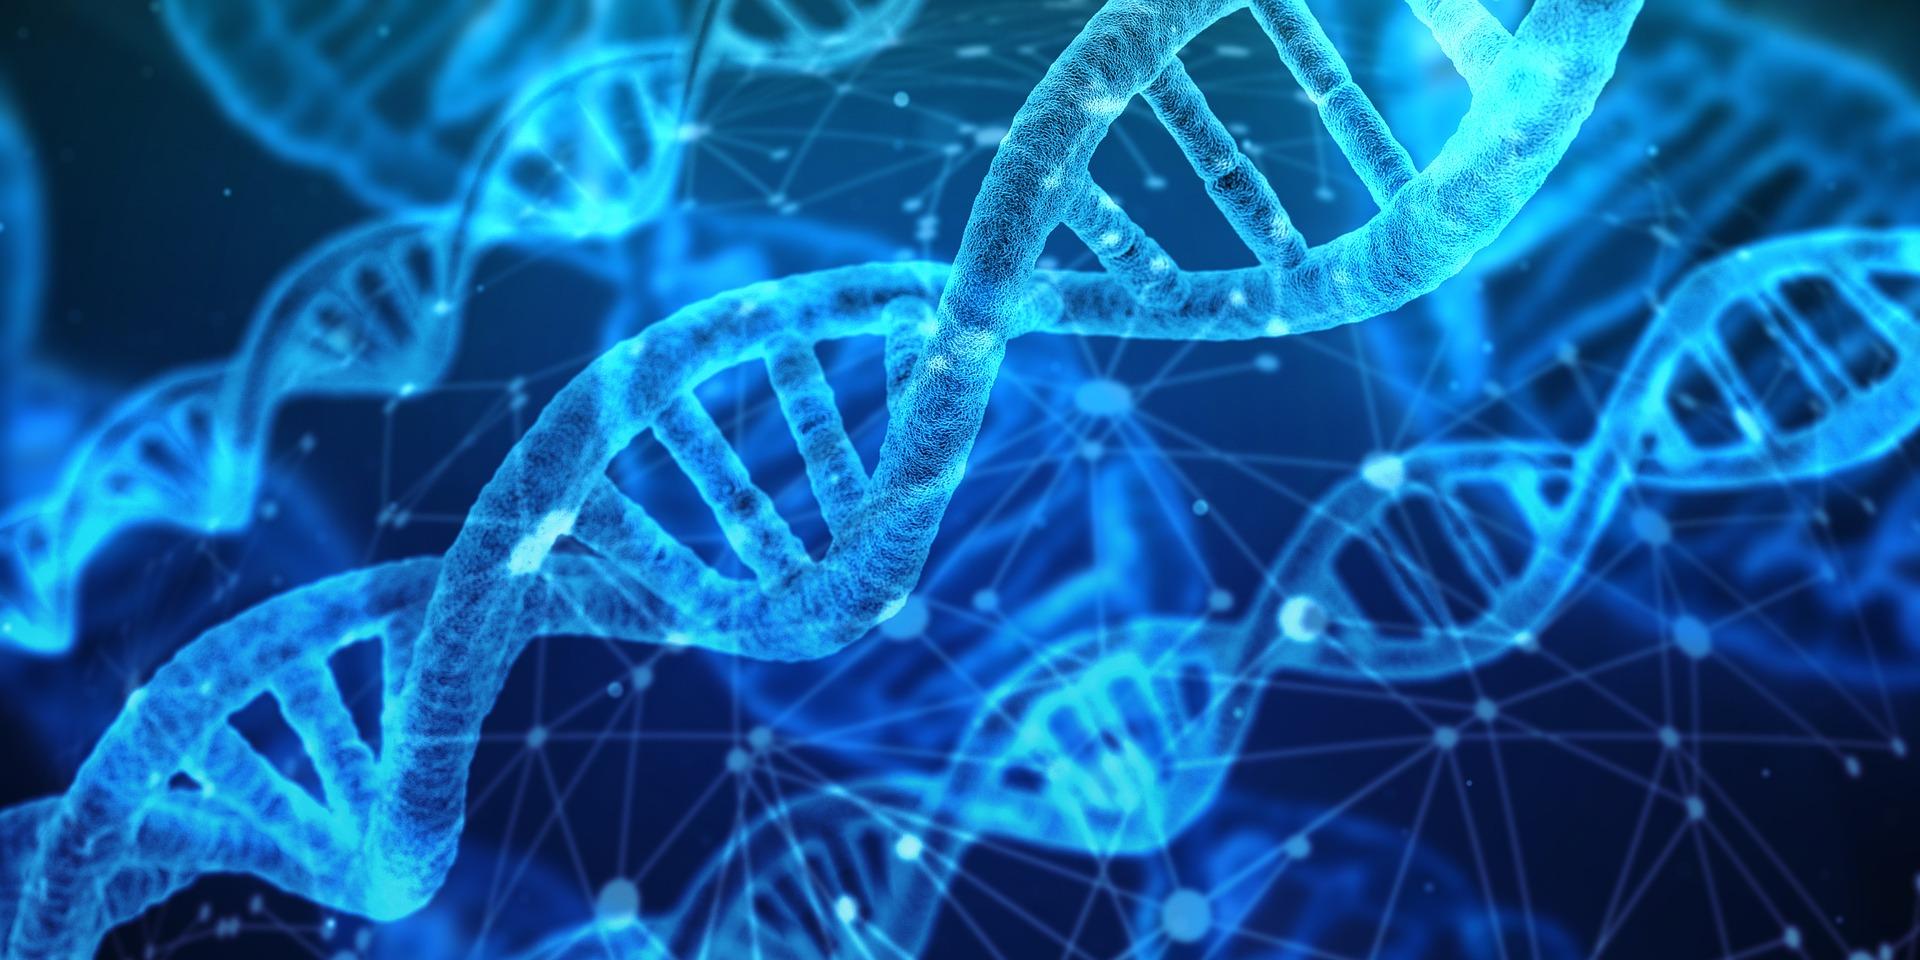 基因治疗市场持续升温,国产创新成果或将涌现